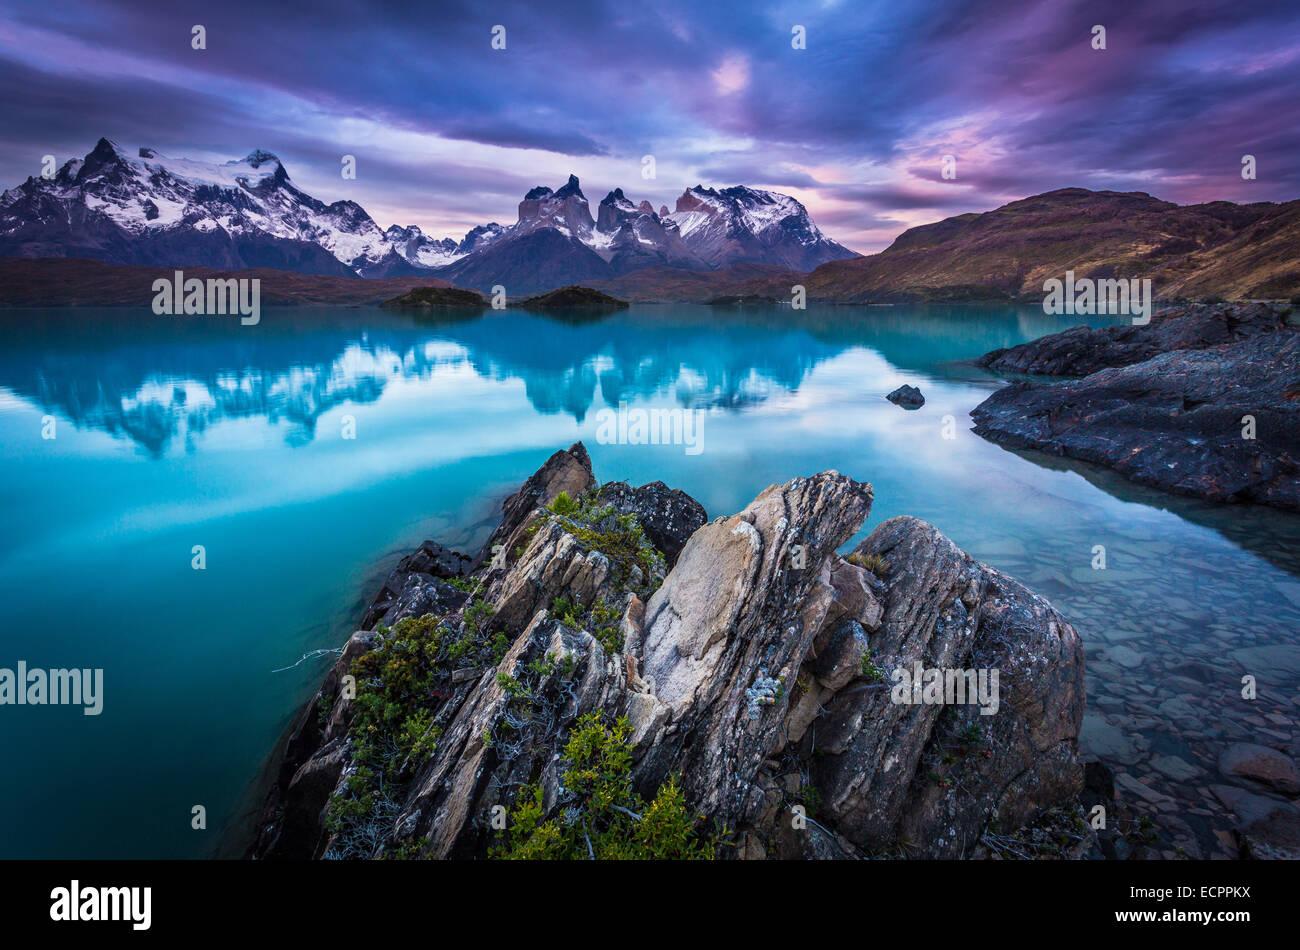 Tramonto sul lago Pehoe e il Los Cuernos picchi nel Parco Nazionale Torres del Paine, Patagonia, Cile Immagini Stock